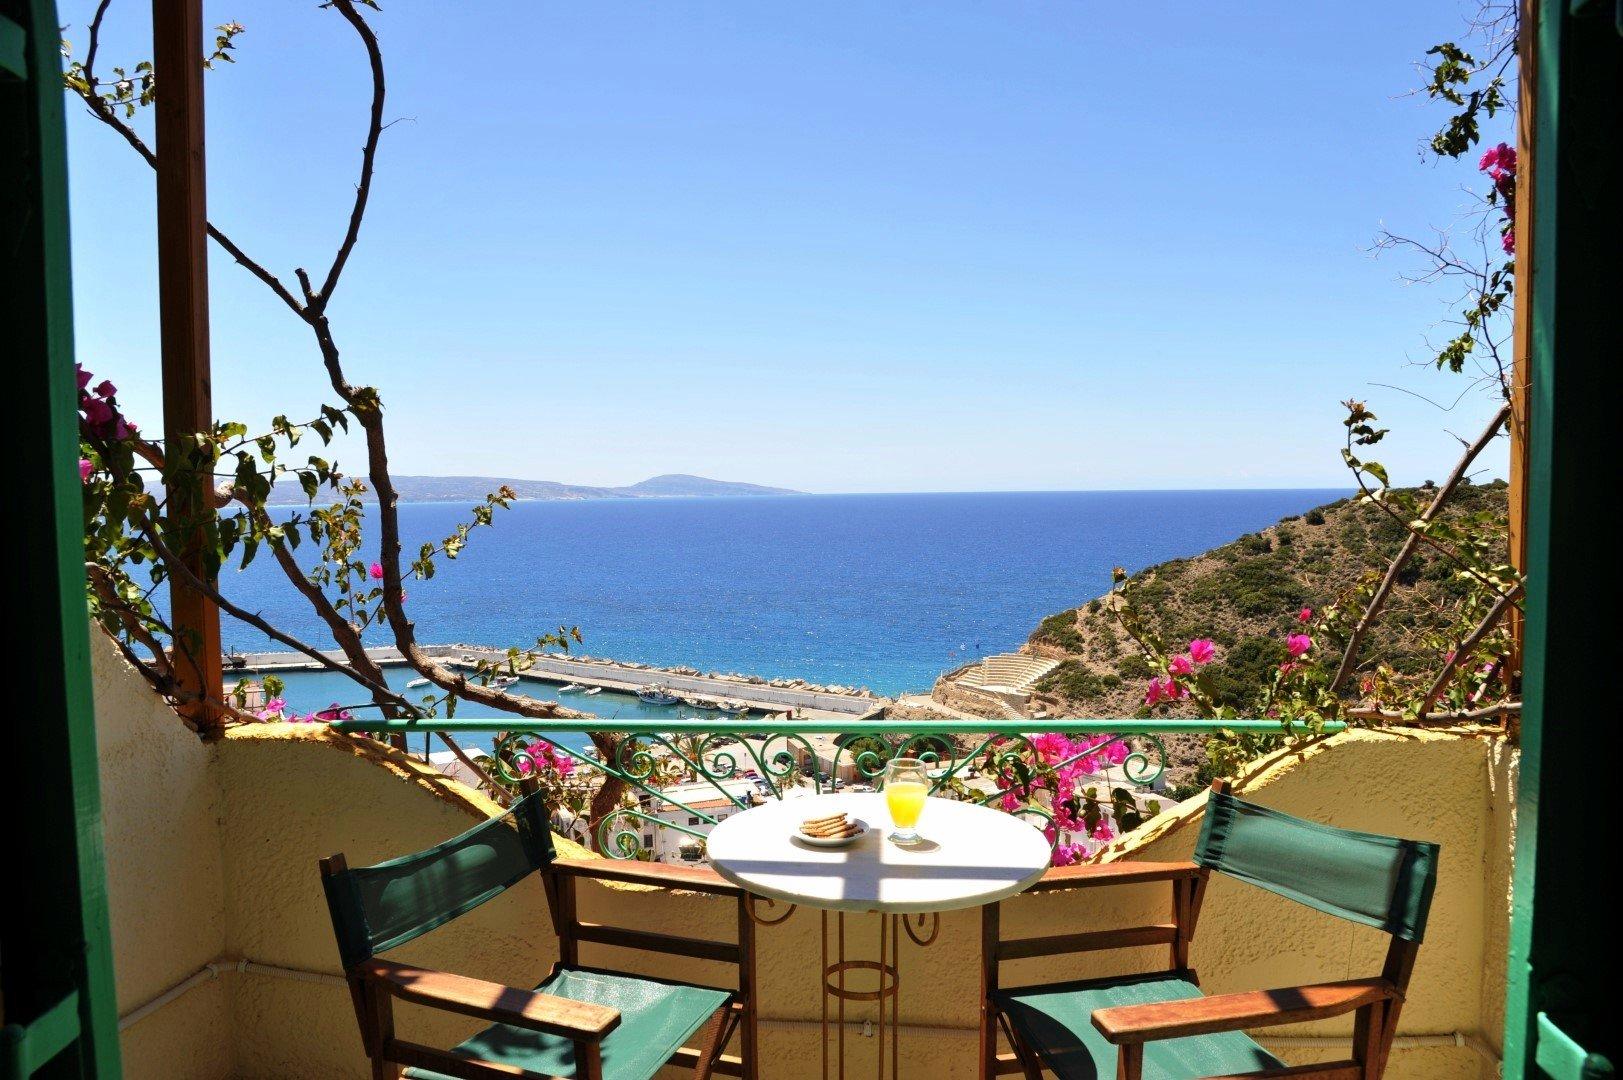 Hotel Erofili In Agia Galini